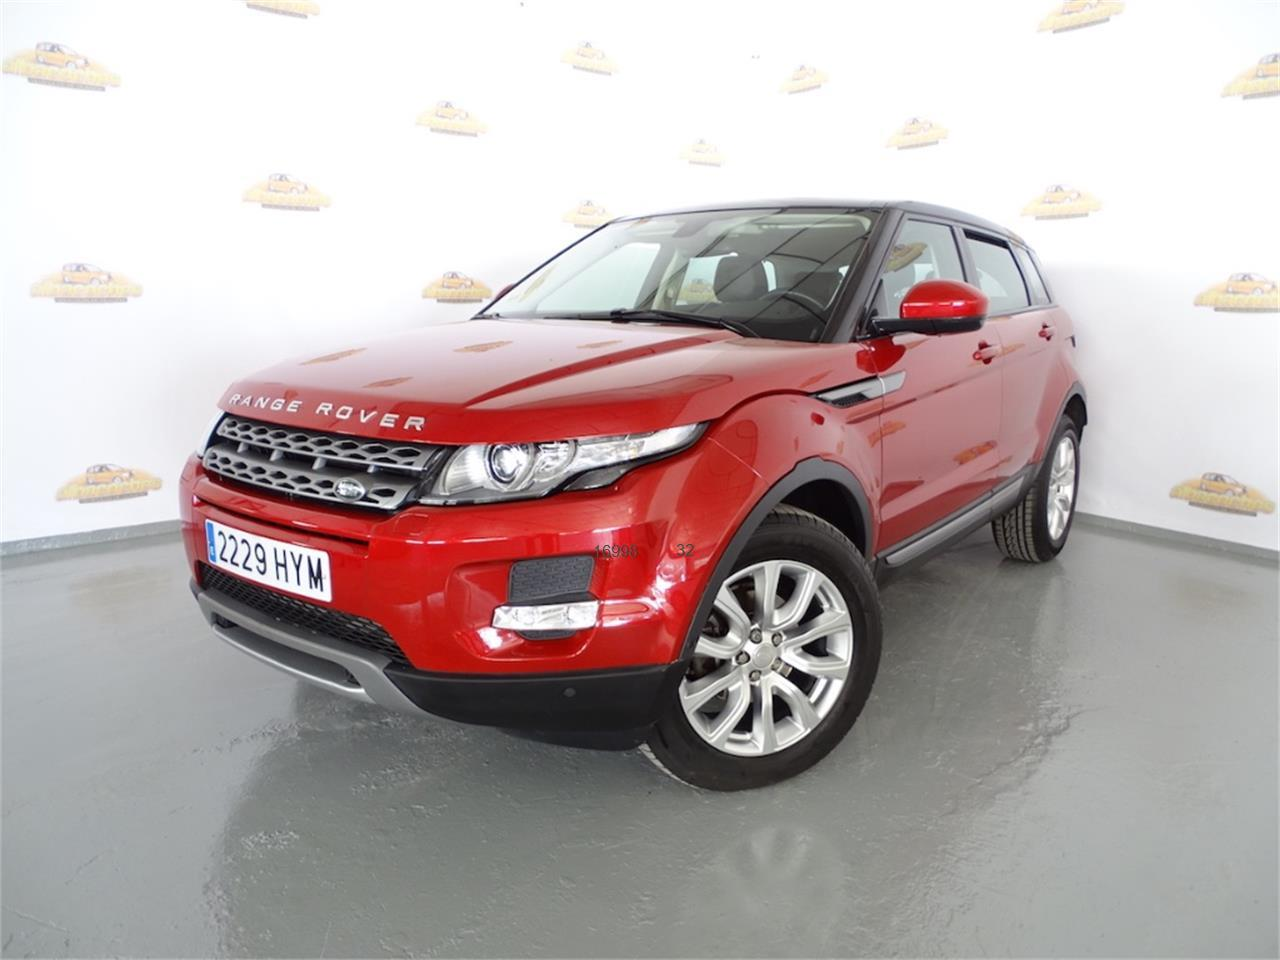 LAND-ROVER Range Rover Evoque de venta de venta por 26500